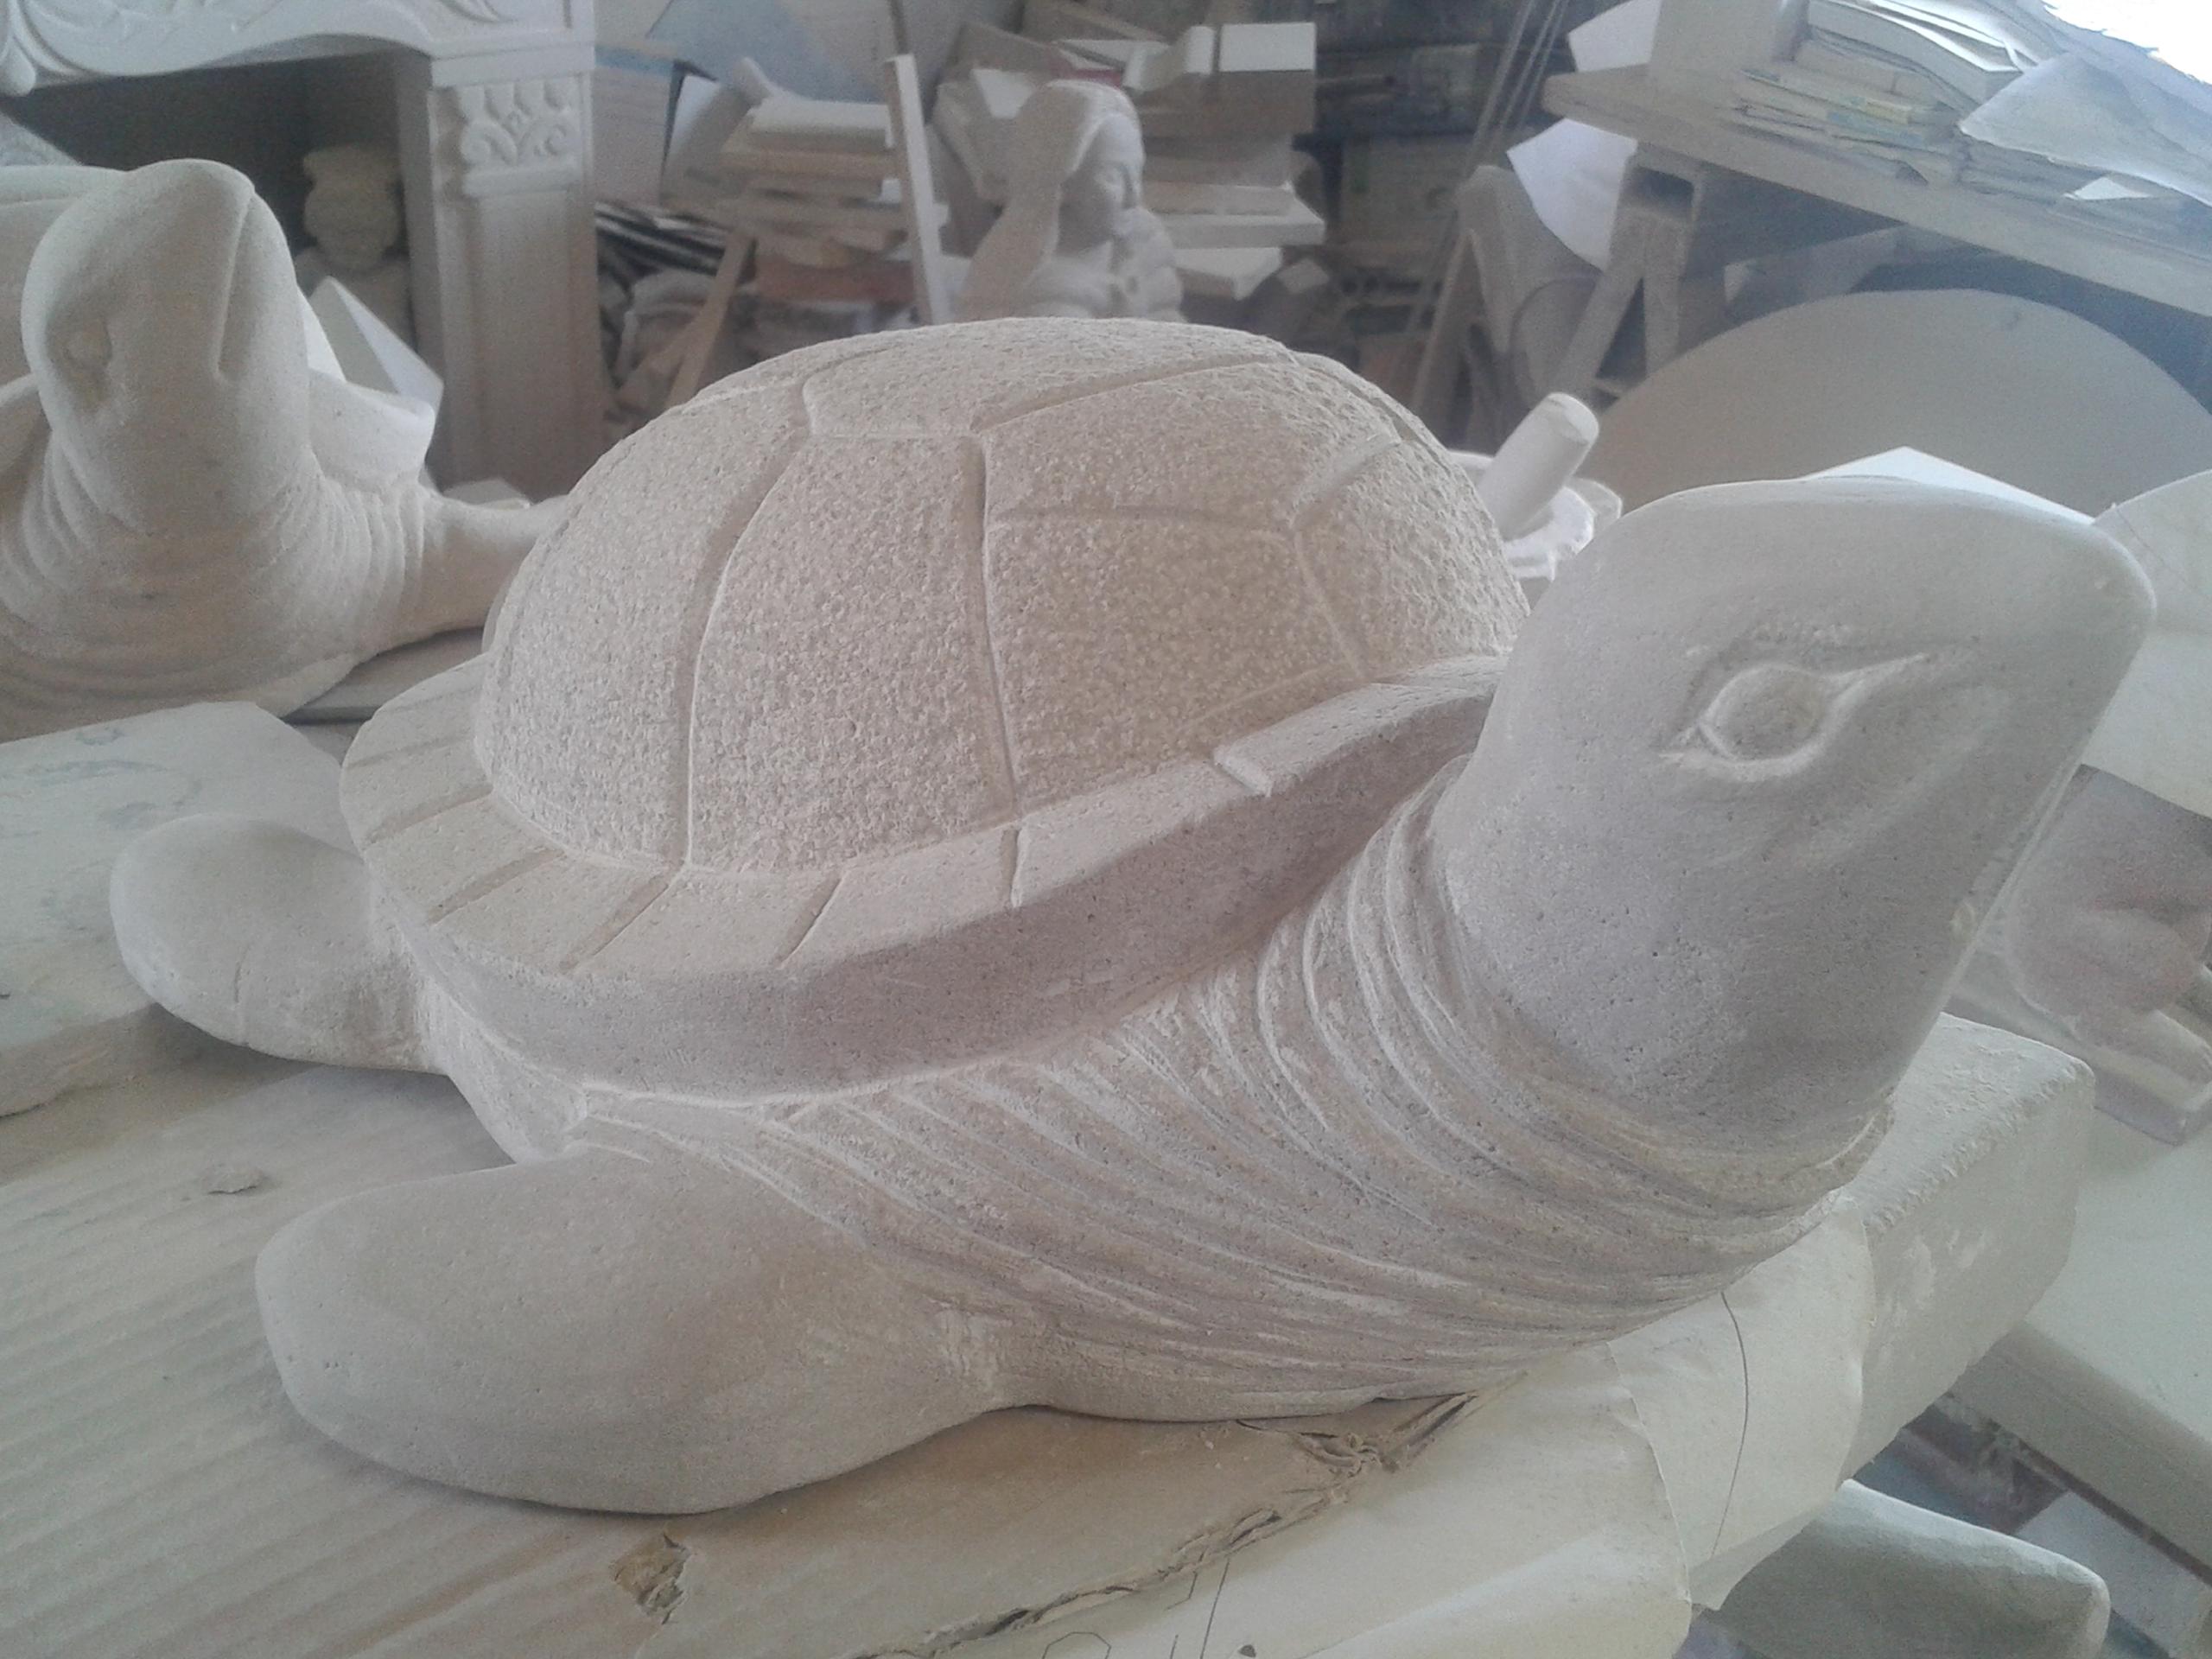 Escultura de una tortuga